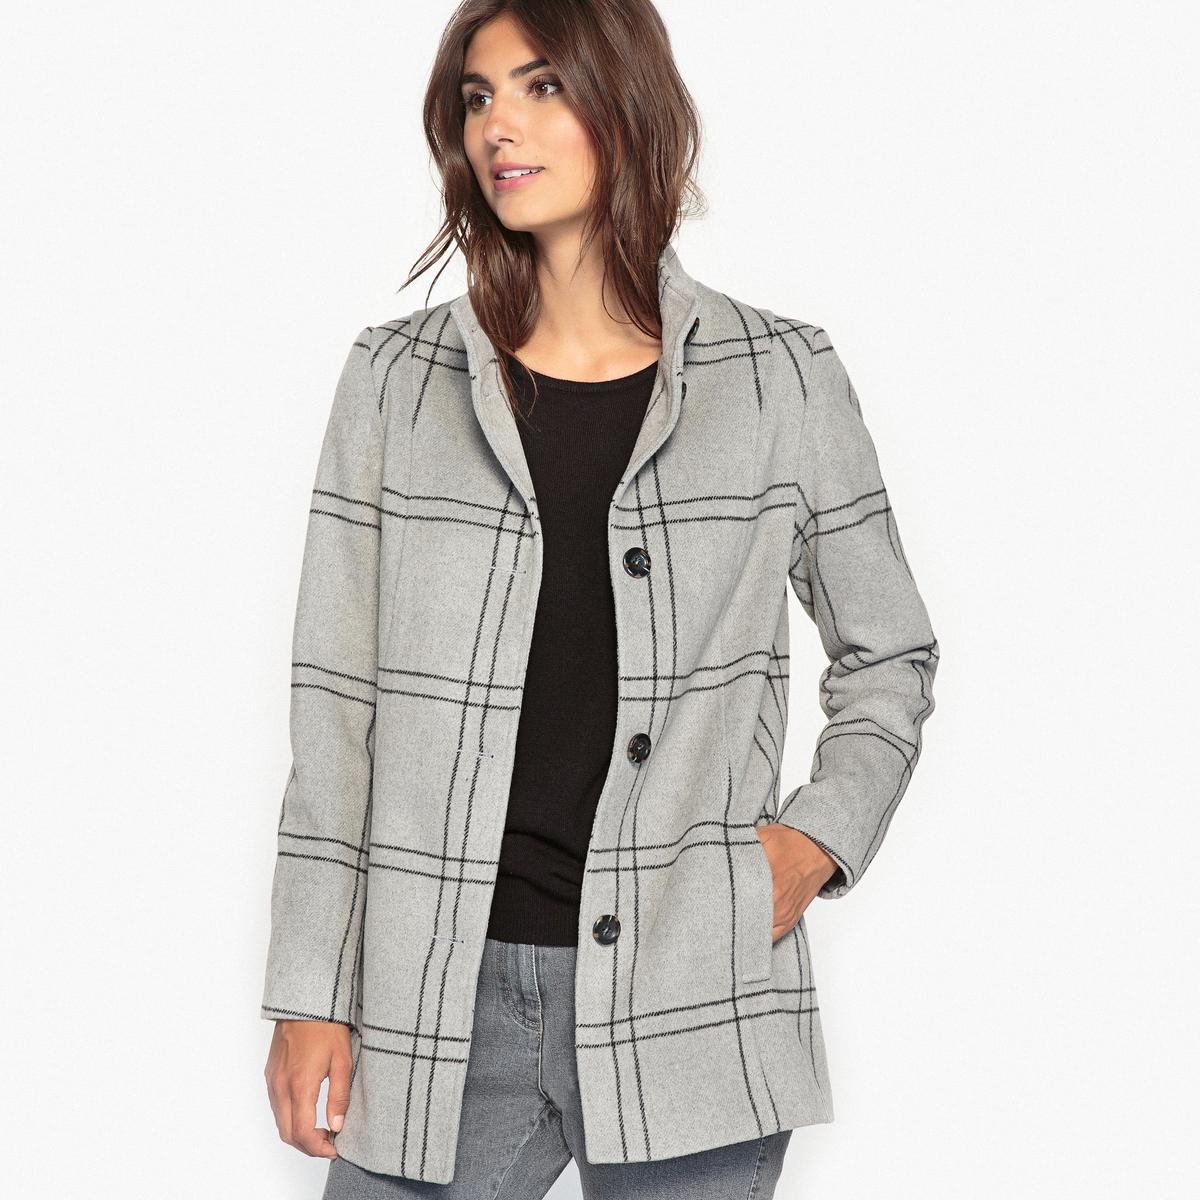 Пальто в клеткуОписание:Клетка в моде этой зимой ! Она придает строгость и элегантность пальто серого цвета приталенной формы .Детали •  Длина : средняя •  Воротник-стойка •  Рисунок в клетку • Застежка на пуговицыСостав и уход •  3% шерсти, 54% акрила, 43% полиэстера •  Подкладка : 100% полиэстер •  Следуйте рекомендациям по уходу, указанным на этикетке изделия •  Деликатная чистка/без отбеливателей •  Не использовать барабанную сушку   •  Низкая температура глажки<br><br>Цвет: в клетку<br>Размер: 38 (FR) - 44 (RUS).48 (FR) - 54 (RUS).44 (FR) - 50 (RUS).40 (FR) - 46 (RUS)